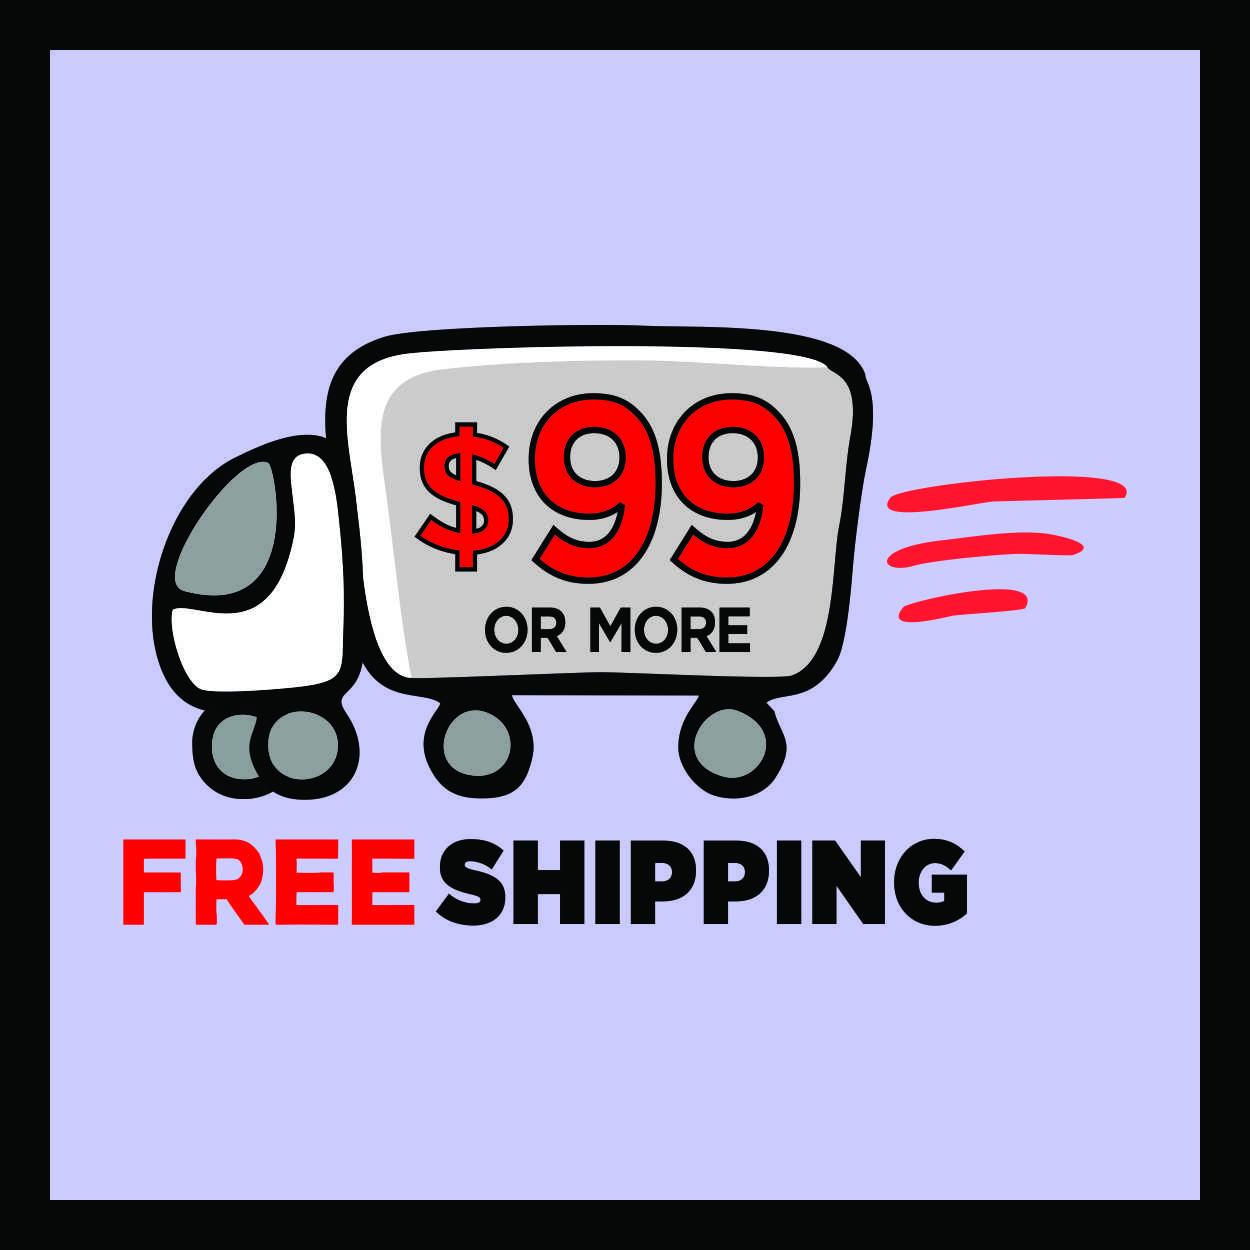 - FREE SHIPPING LOGO.jpg